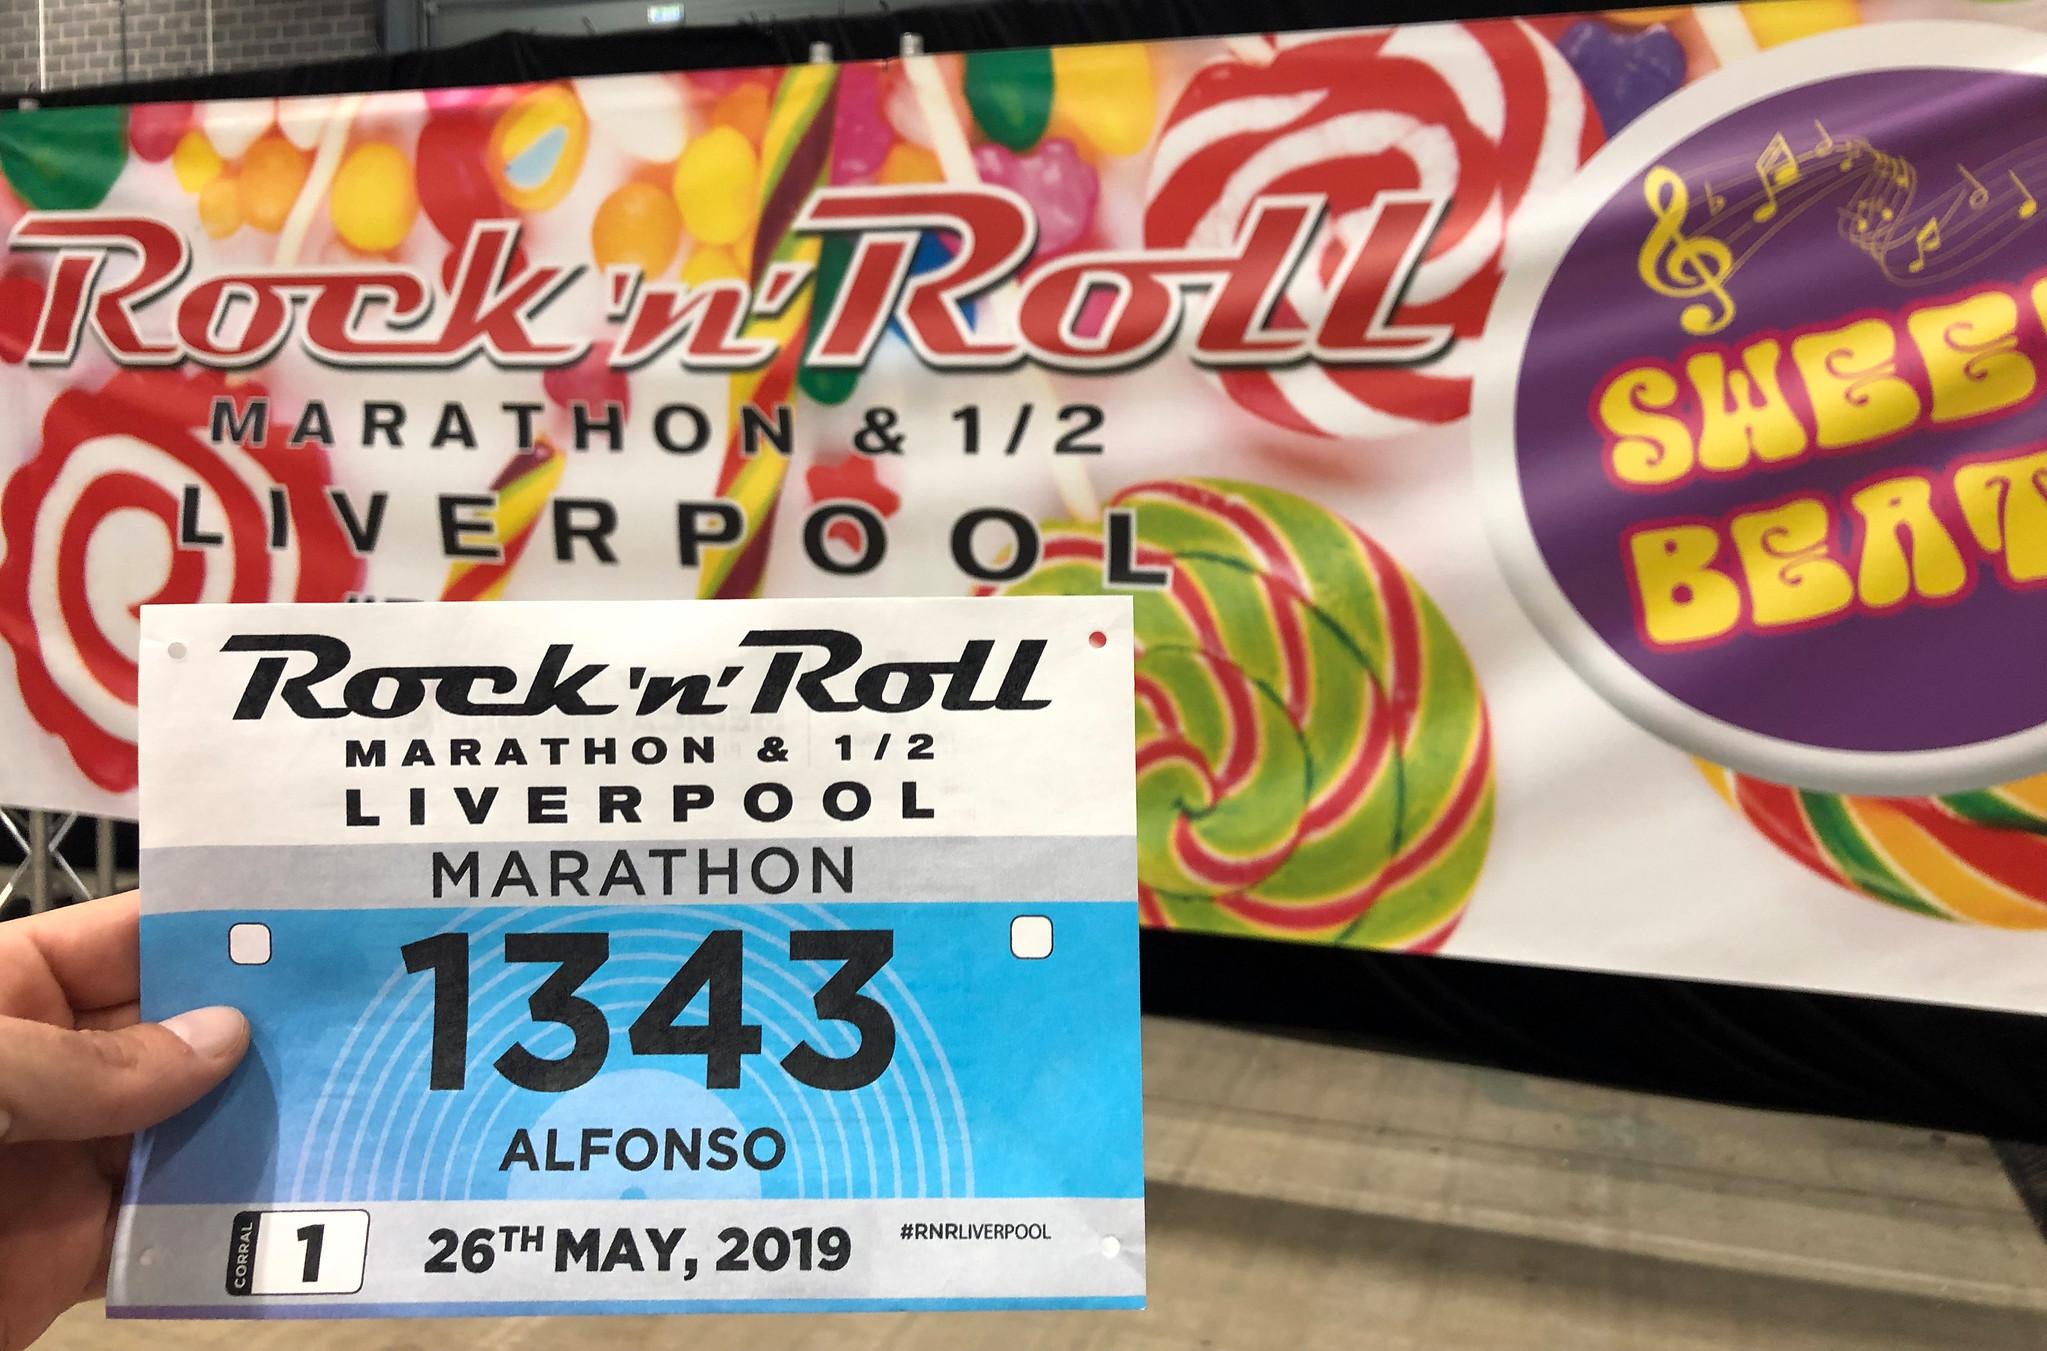 Maratón de Liverpool, Marathon maratón de liverpool - 48687759752 09474723a0 k - Maratón de Liverpool: análisis, recorrido, entrenamiento y recomendaciones de viaje